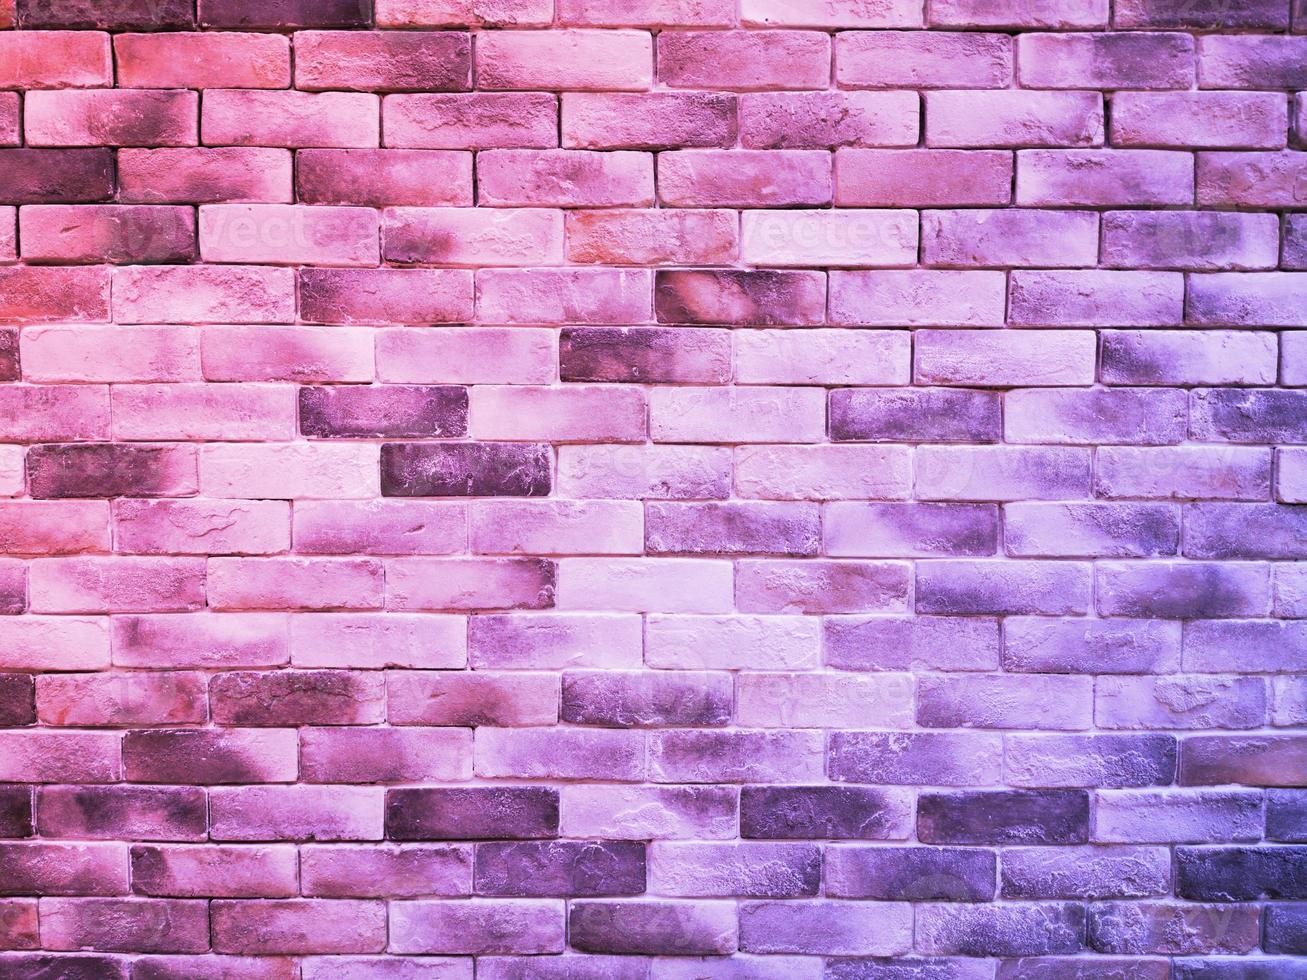 bunte Backsteinmauer für Hintergrund oder Textur foto